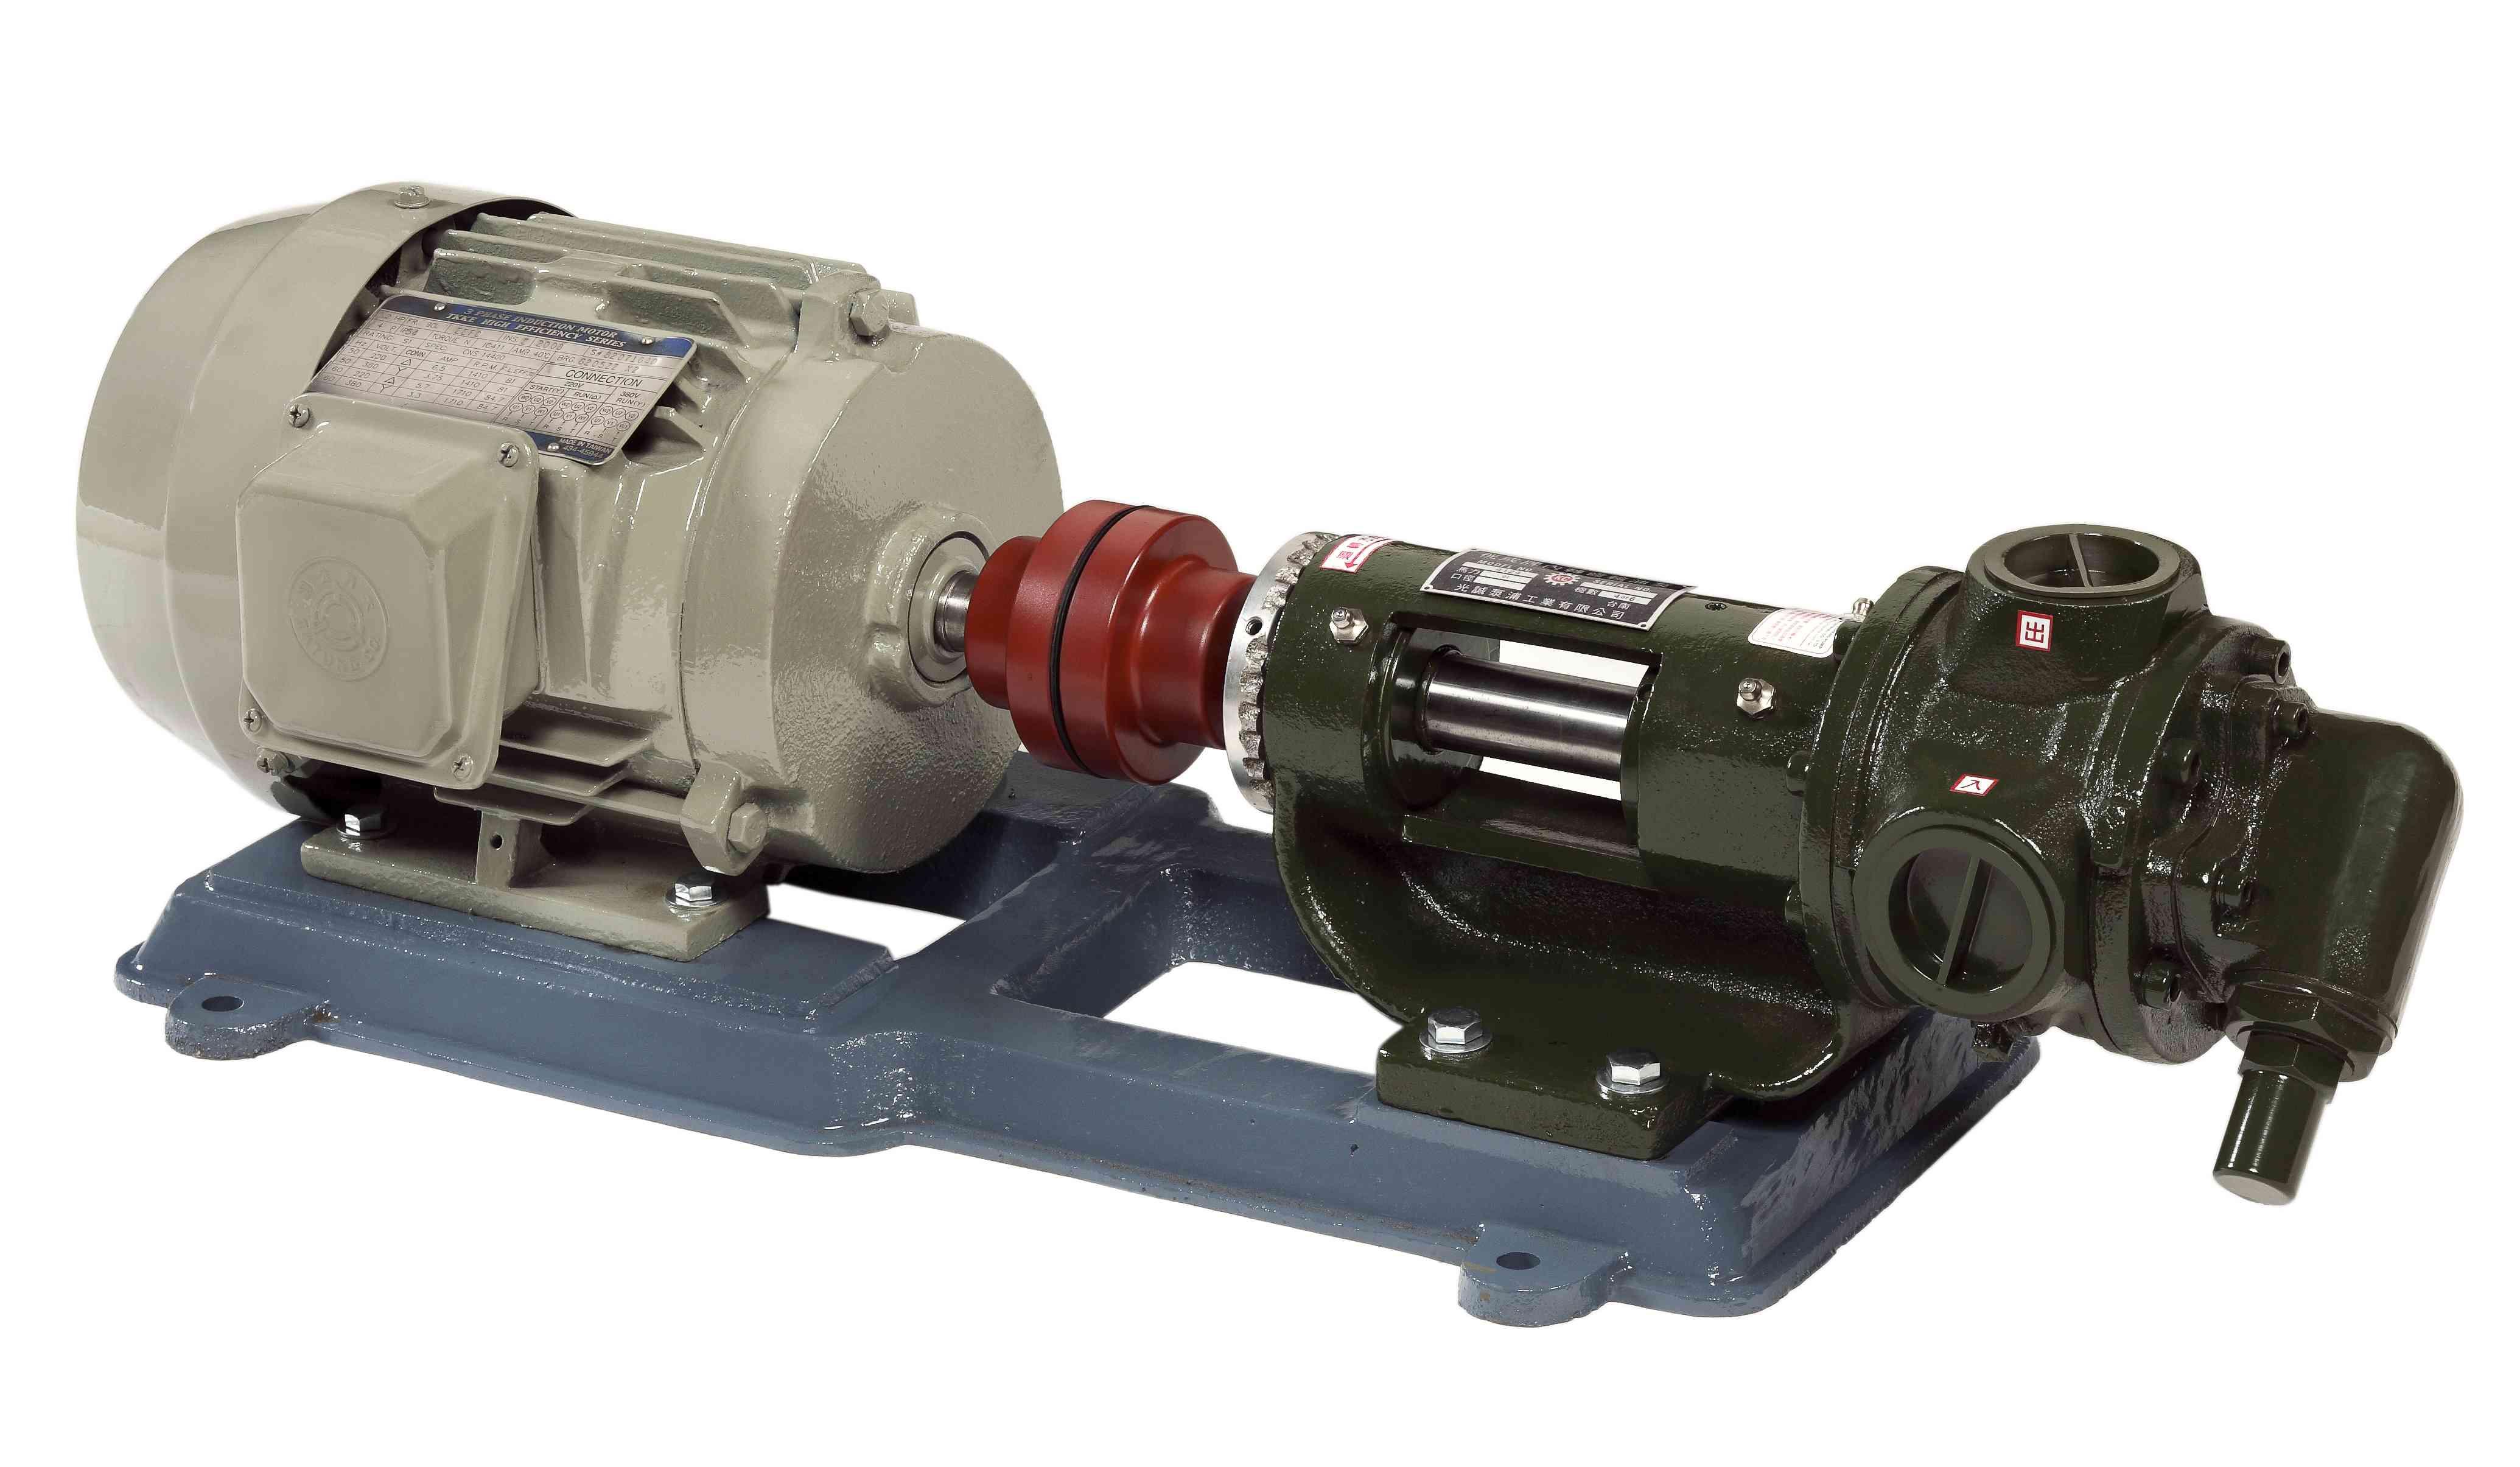 bom-banh-rang-an-khop-trong-HL124